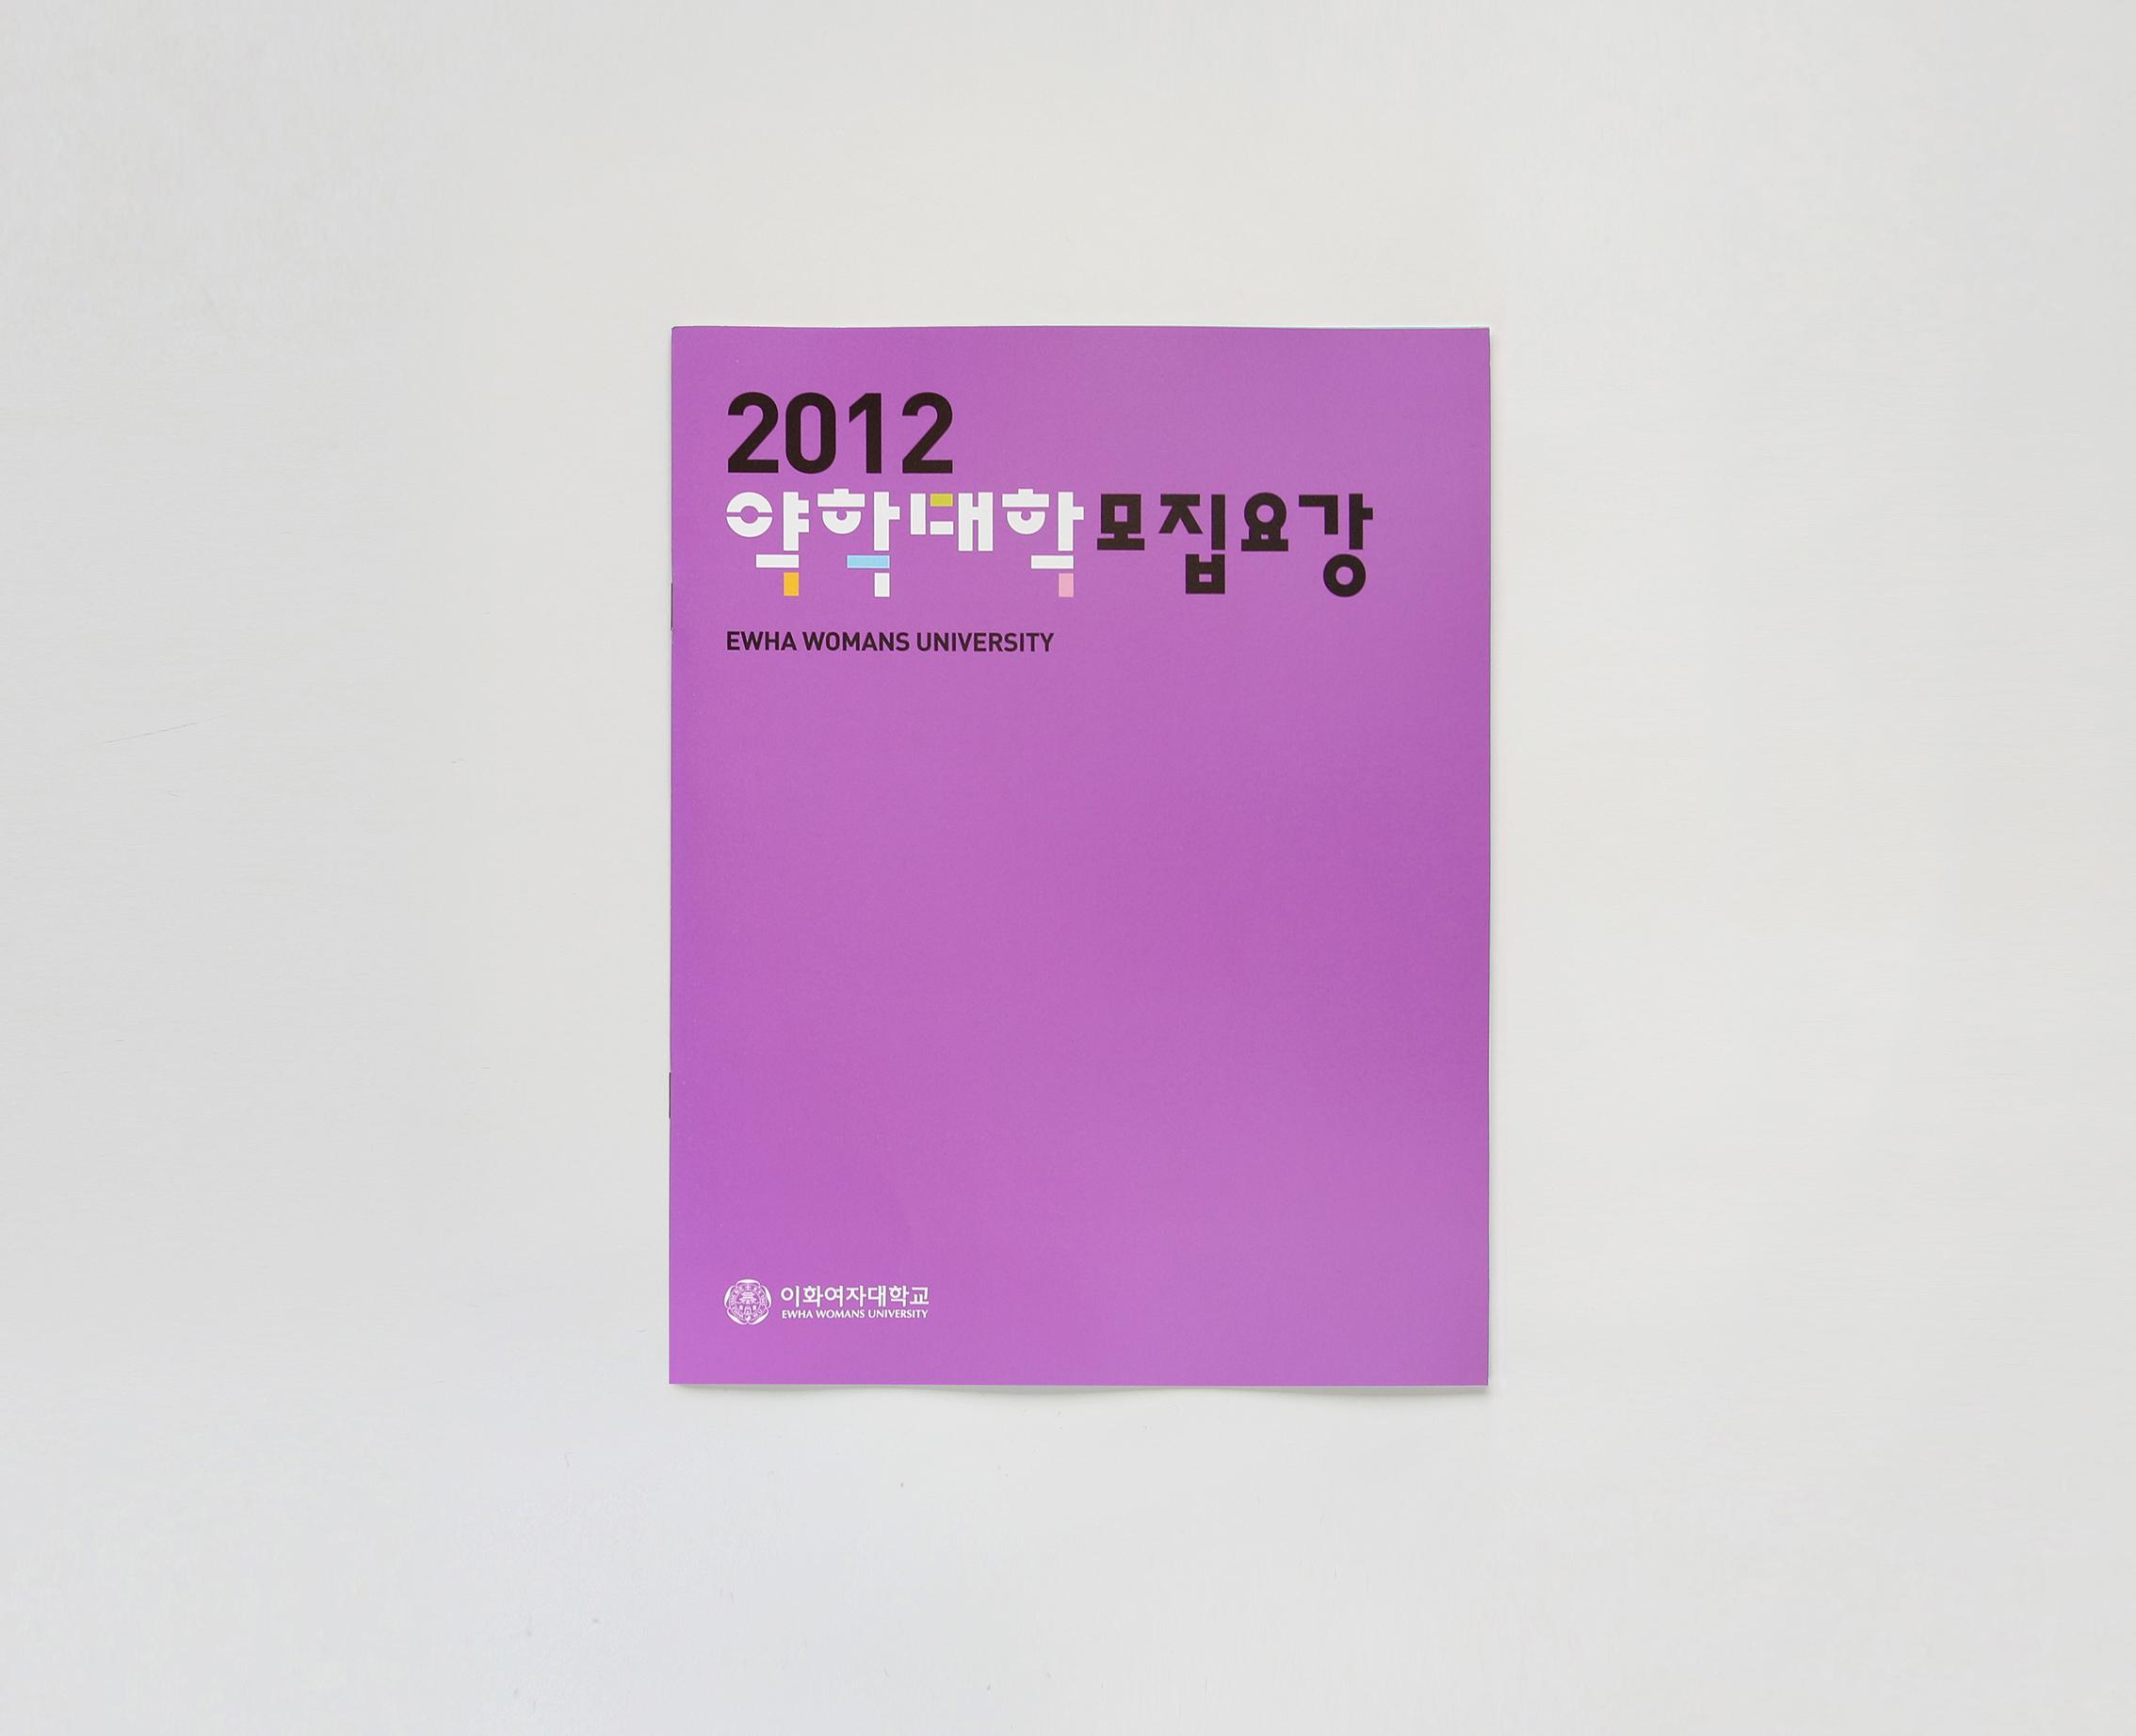 2012-이대약학편입학요강 (1)